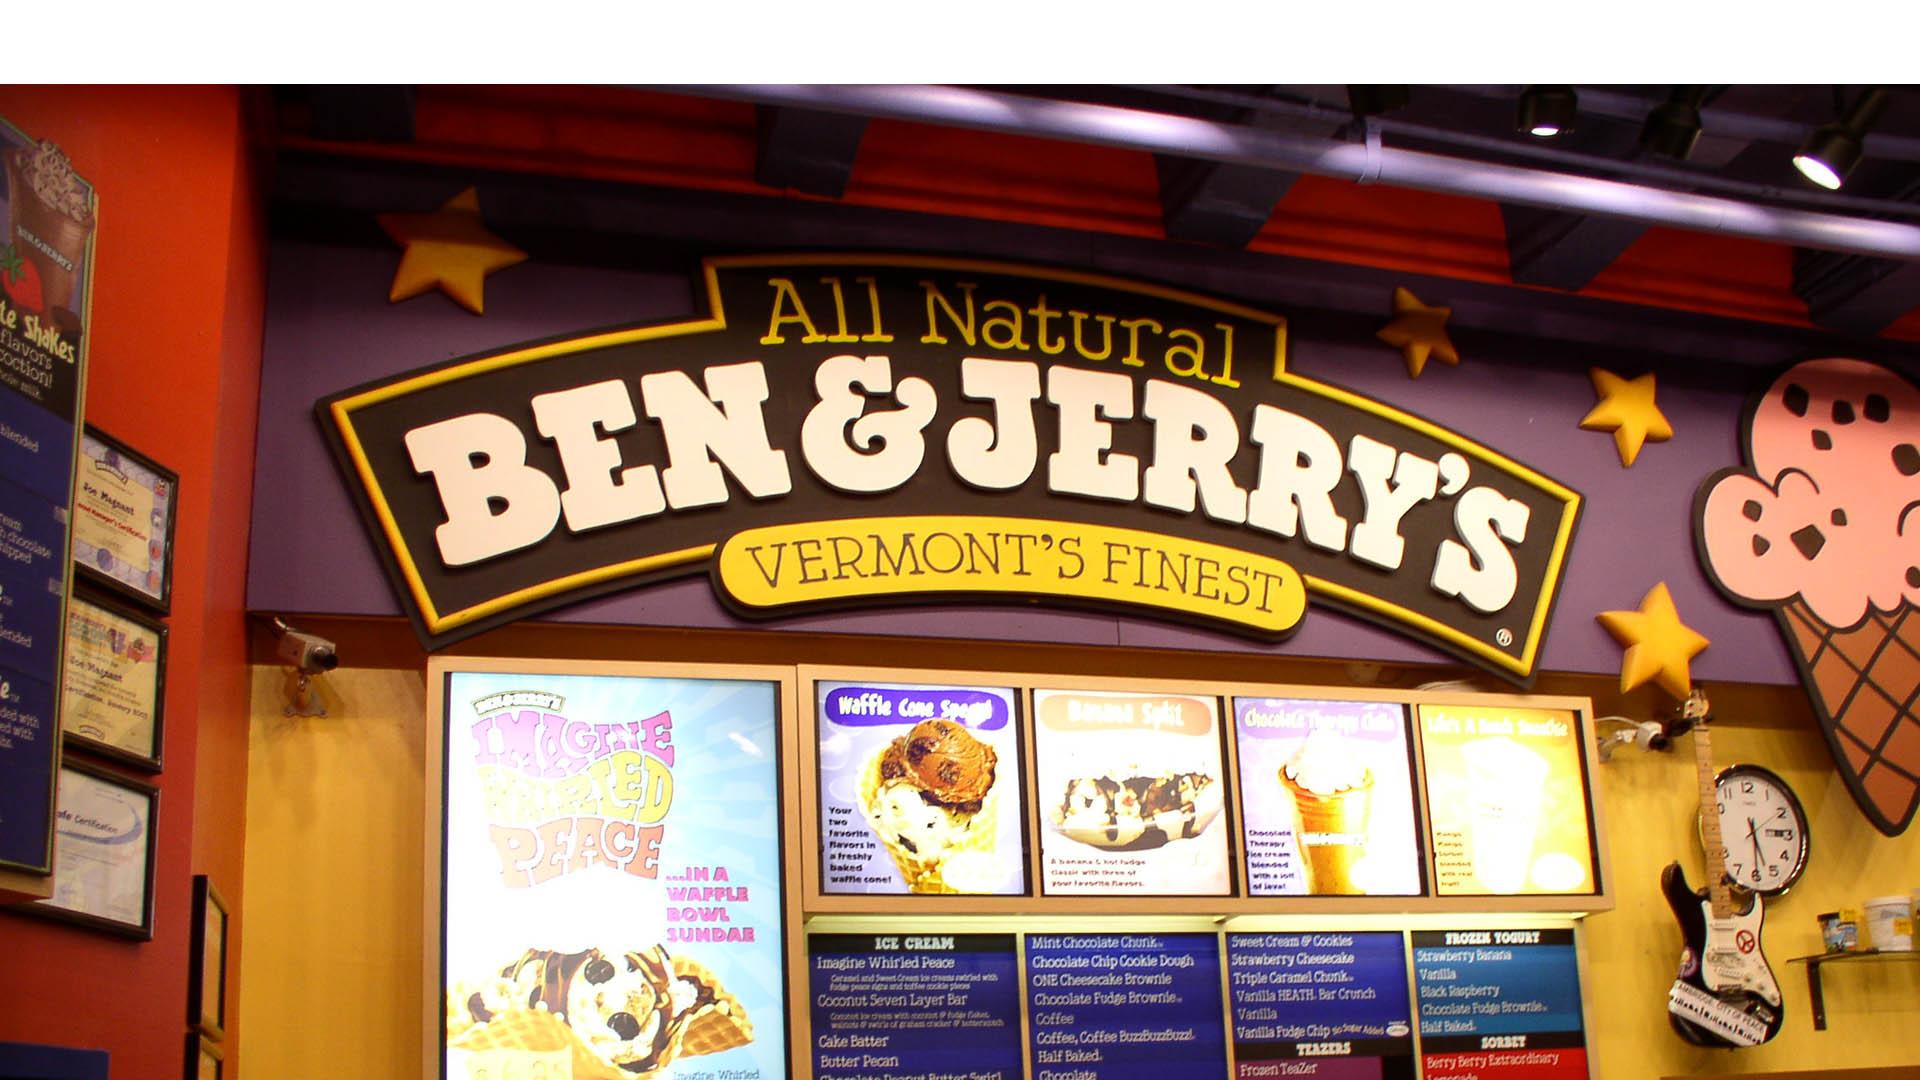 La compañía de helados norteamericana Ben & Jerry's, lanzó una línea de sabor vegano ante el aumento de personas con este estilo de vida